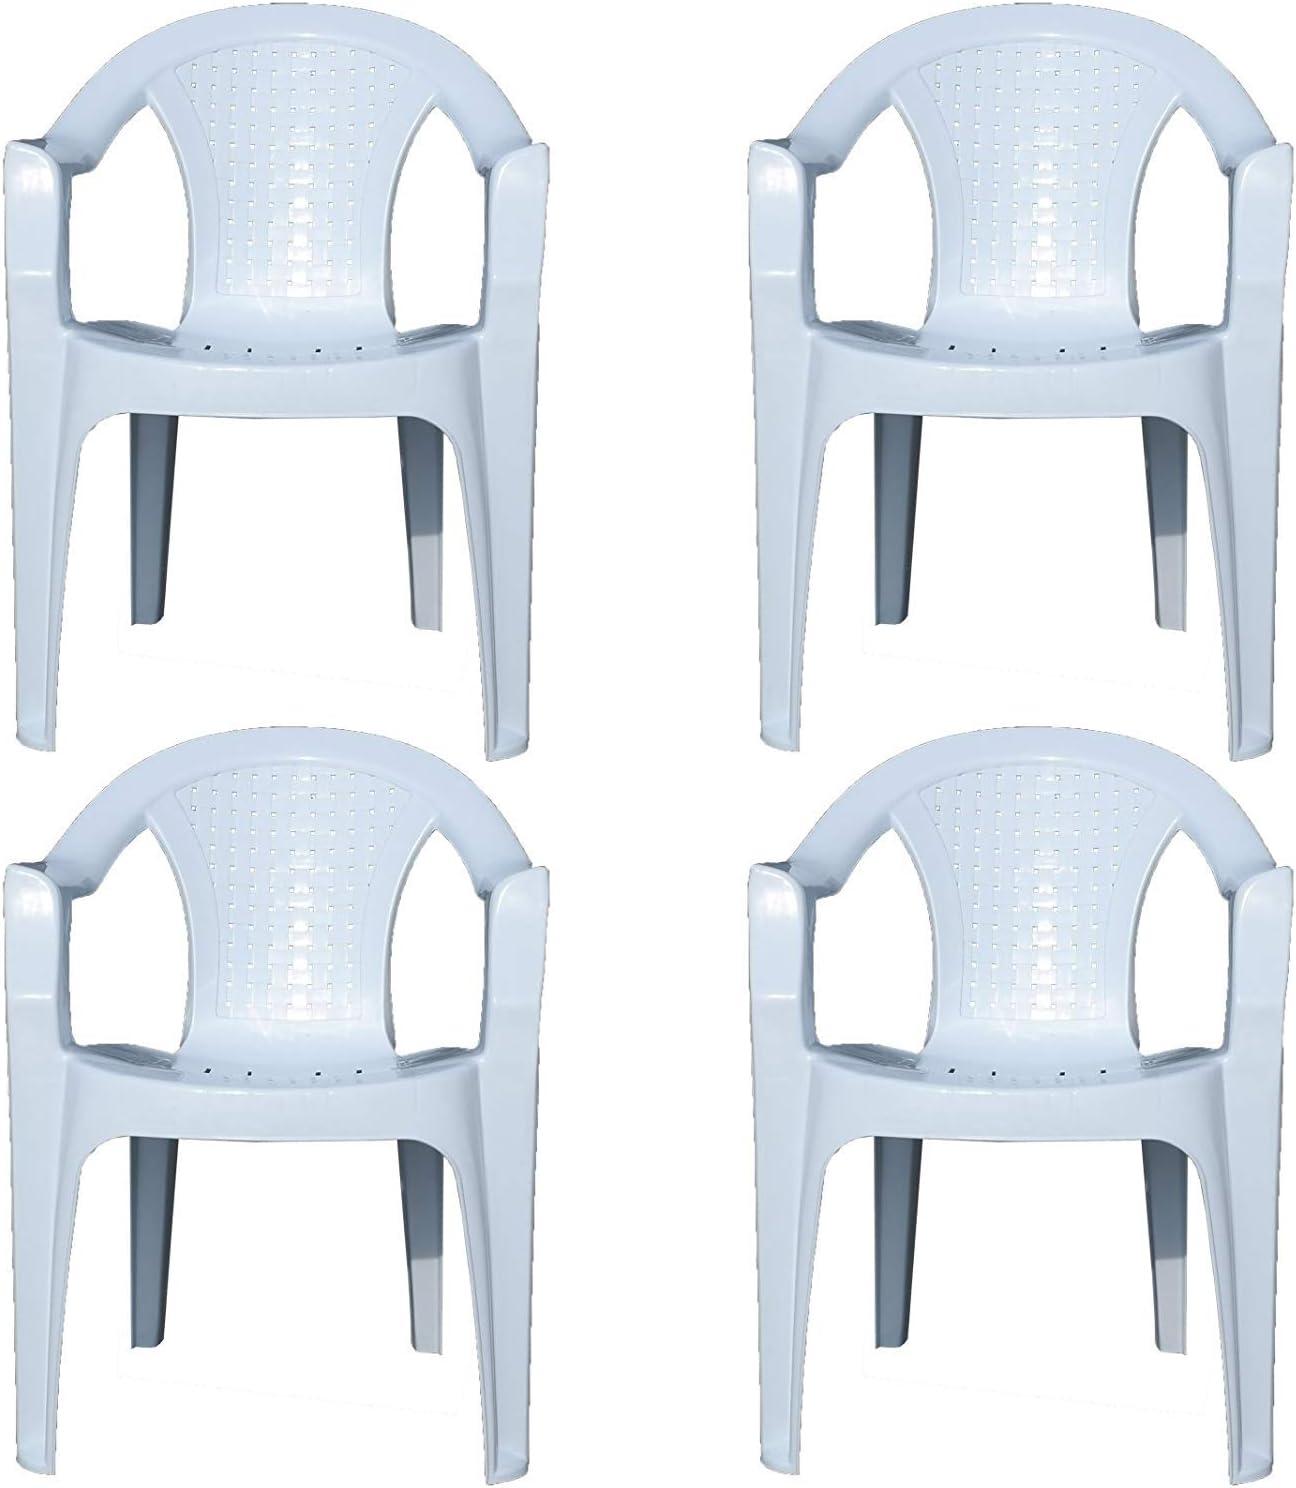 屋内&屋外の白いプラスチック製の芝生チェアガーデンパティオアームチェアスタッキングスタッカブル50 * 43 * 76センチメートル,4